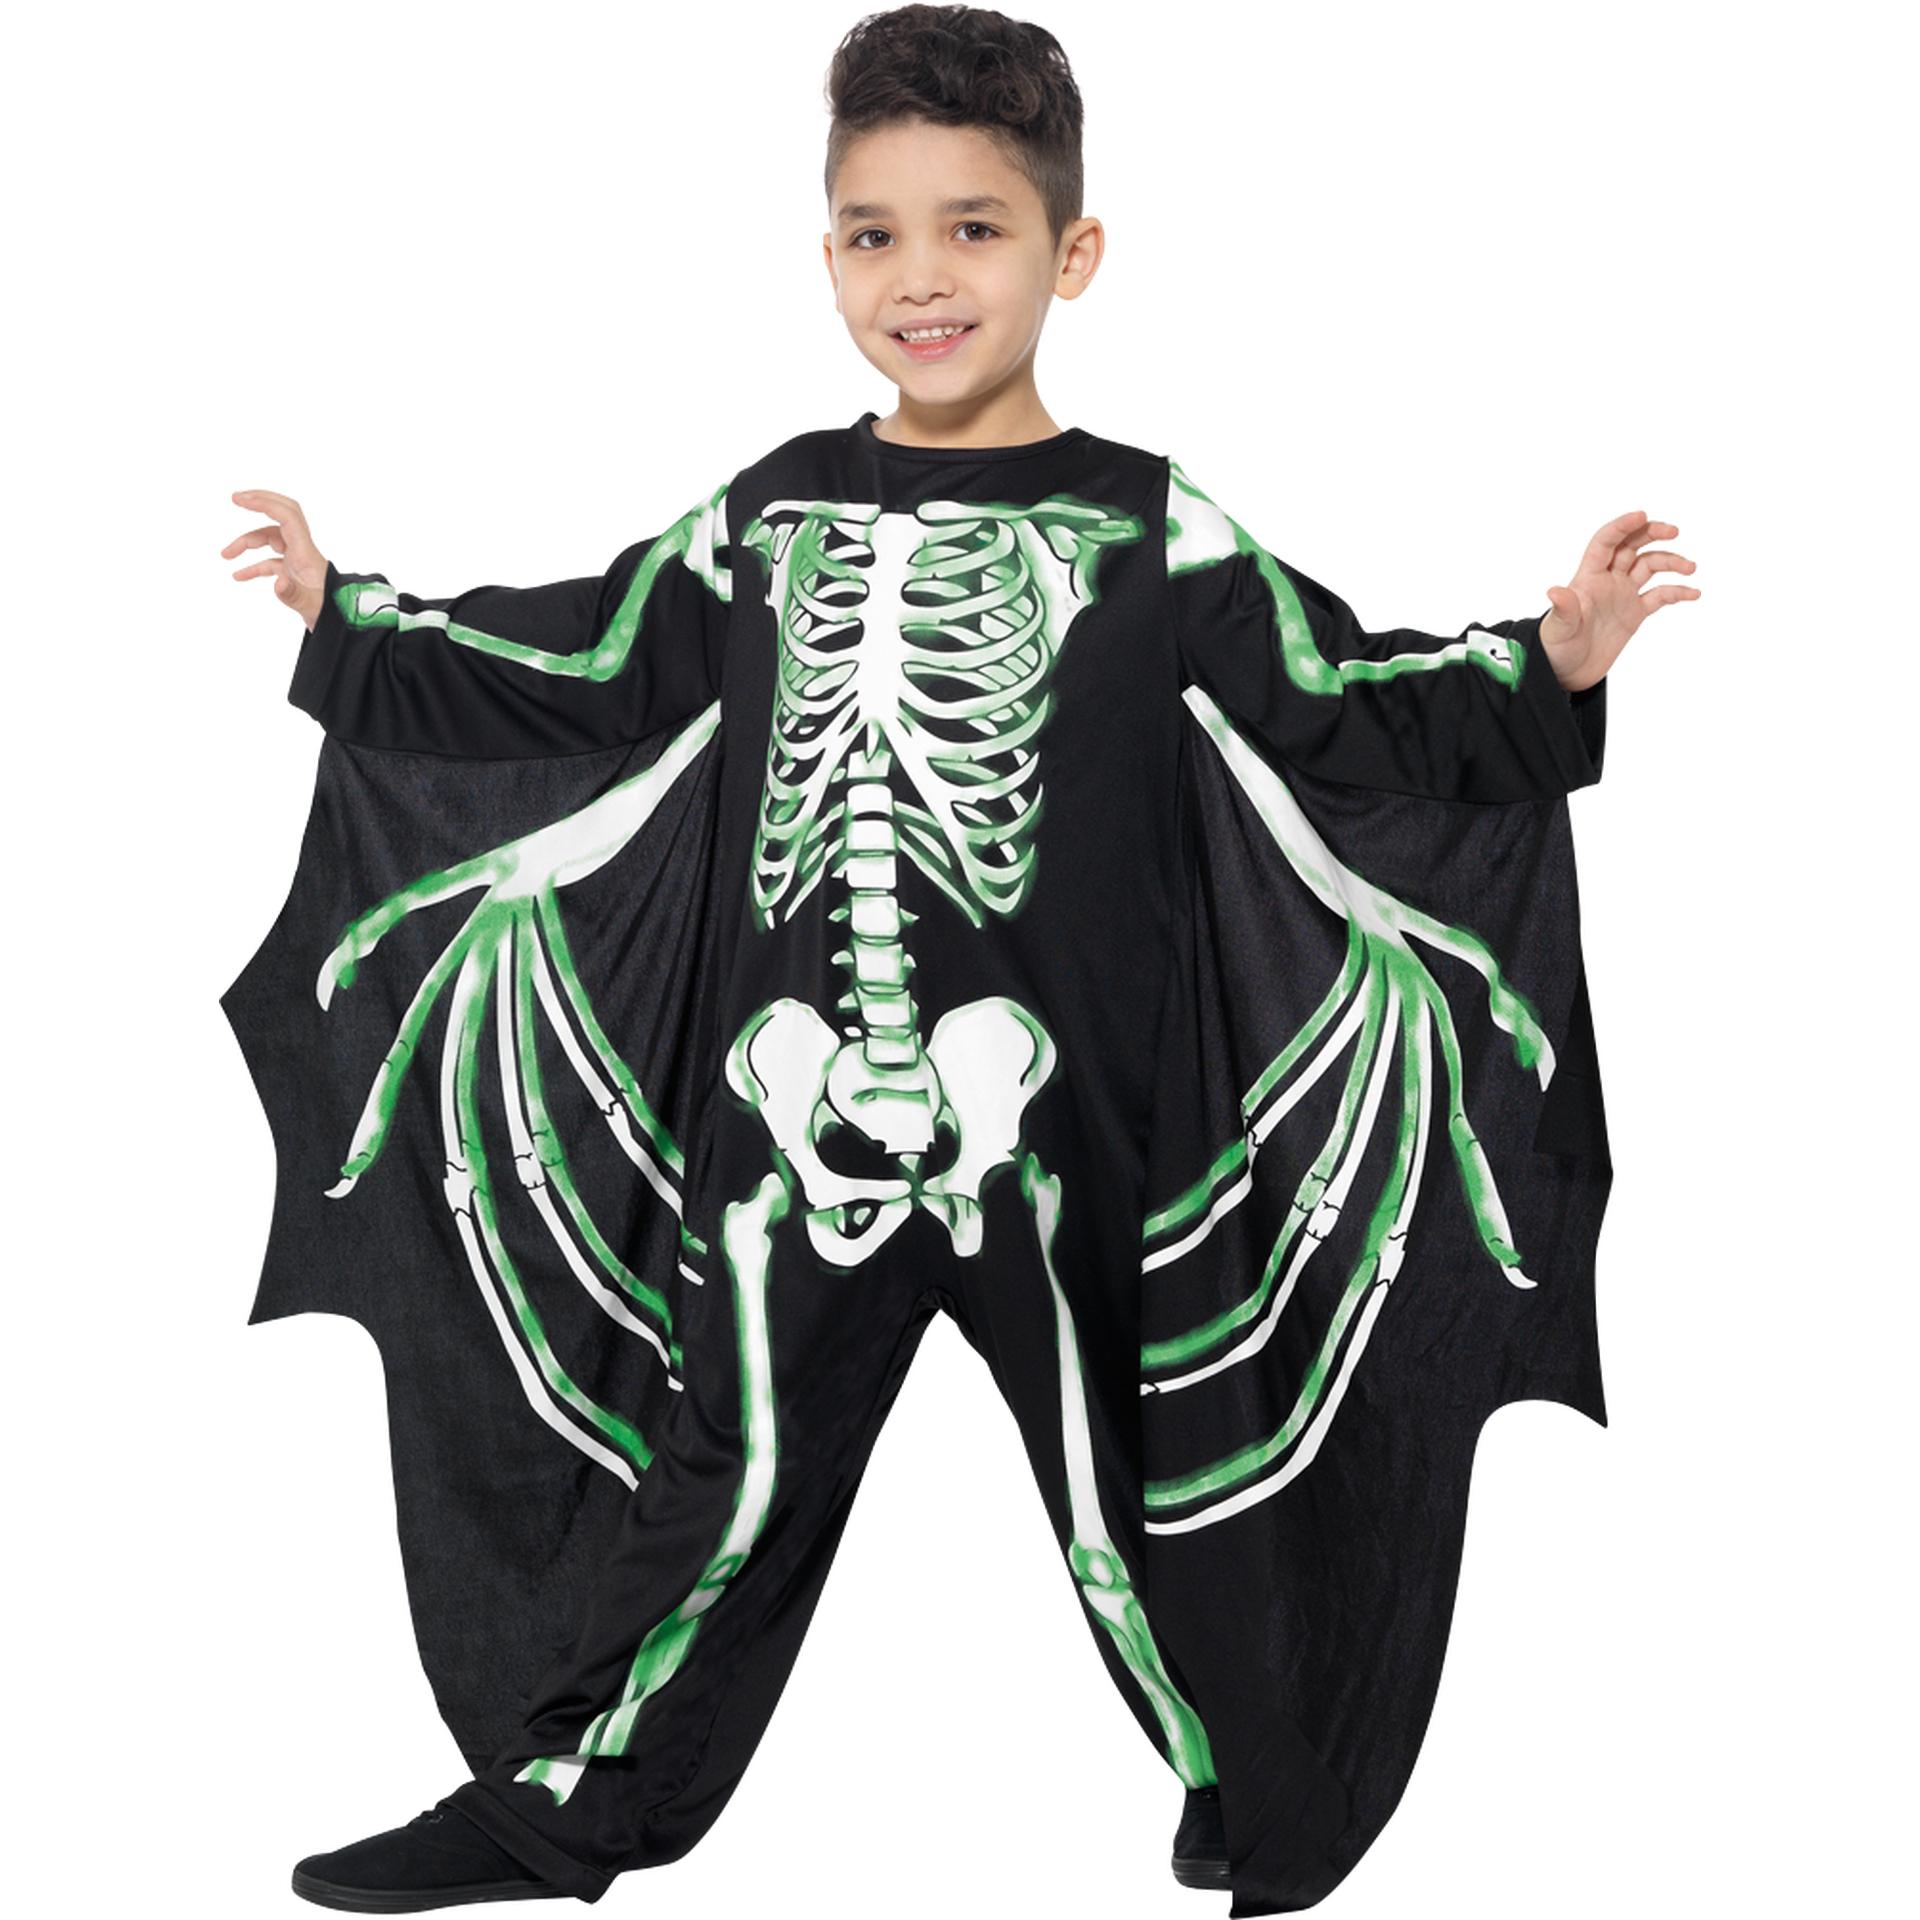 Splinternye Uhyggelig udklædning til Halloween i Rosengårdcentret CM-54